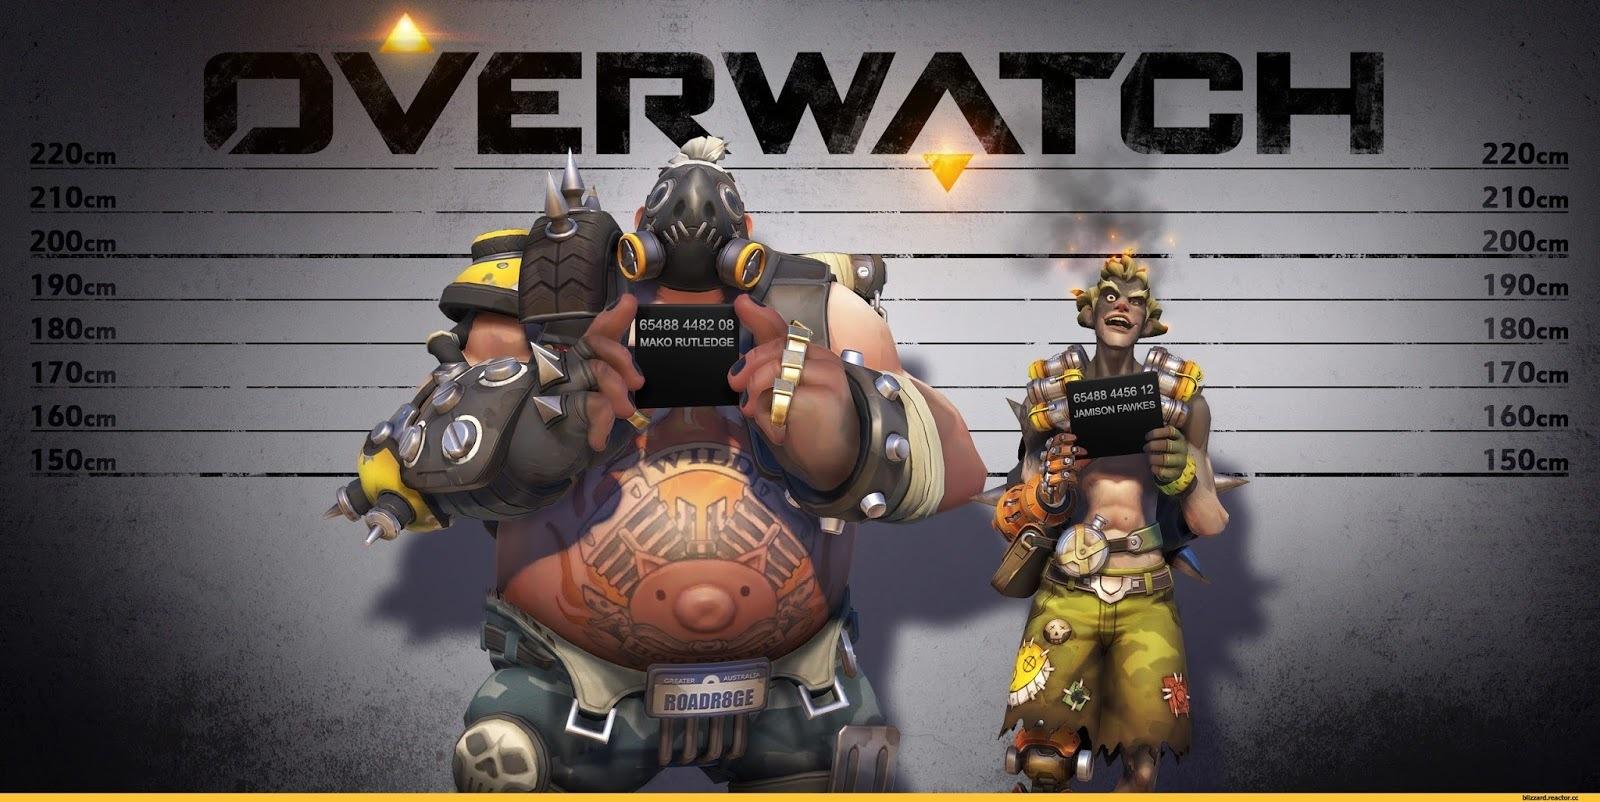 Как герои игры OverWatch однажды облысели, а мы вернули им шевелюры - 6